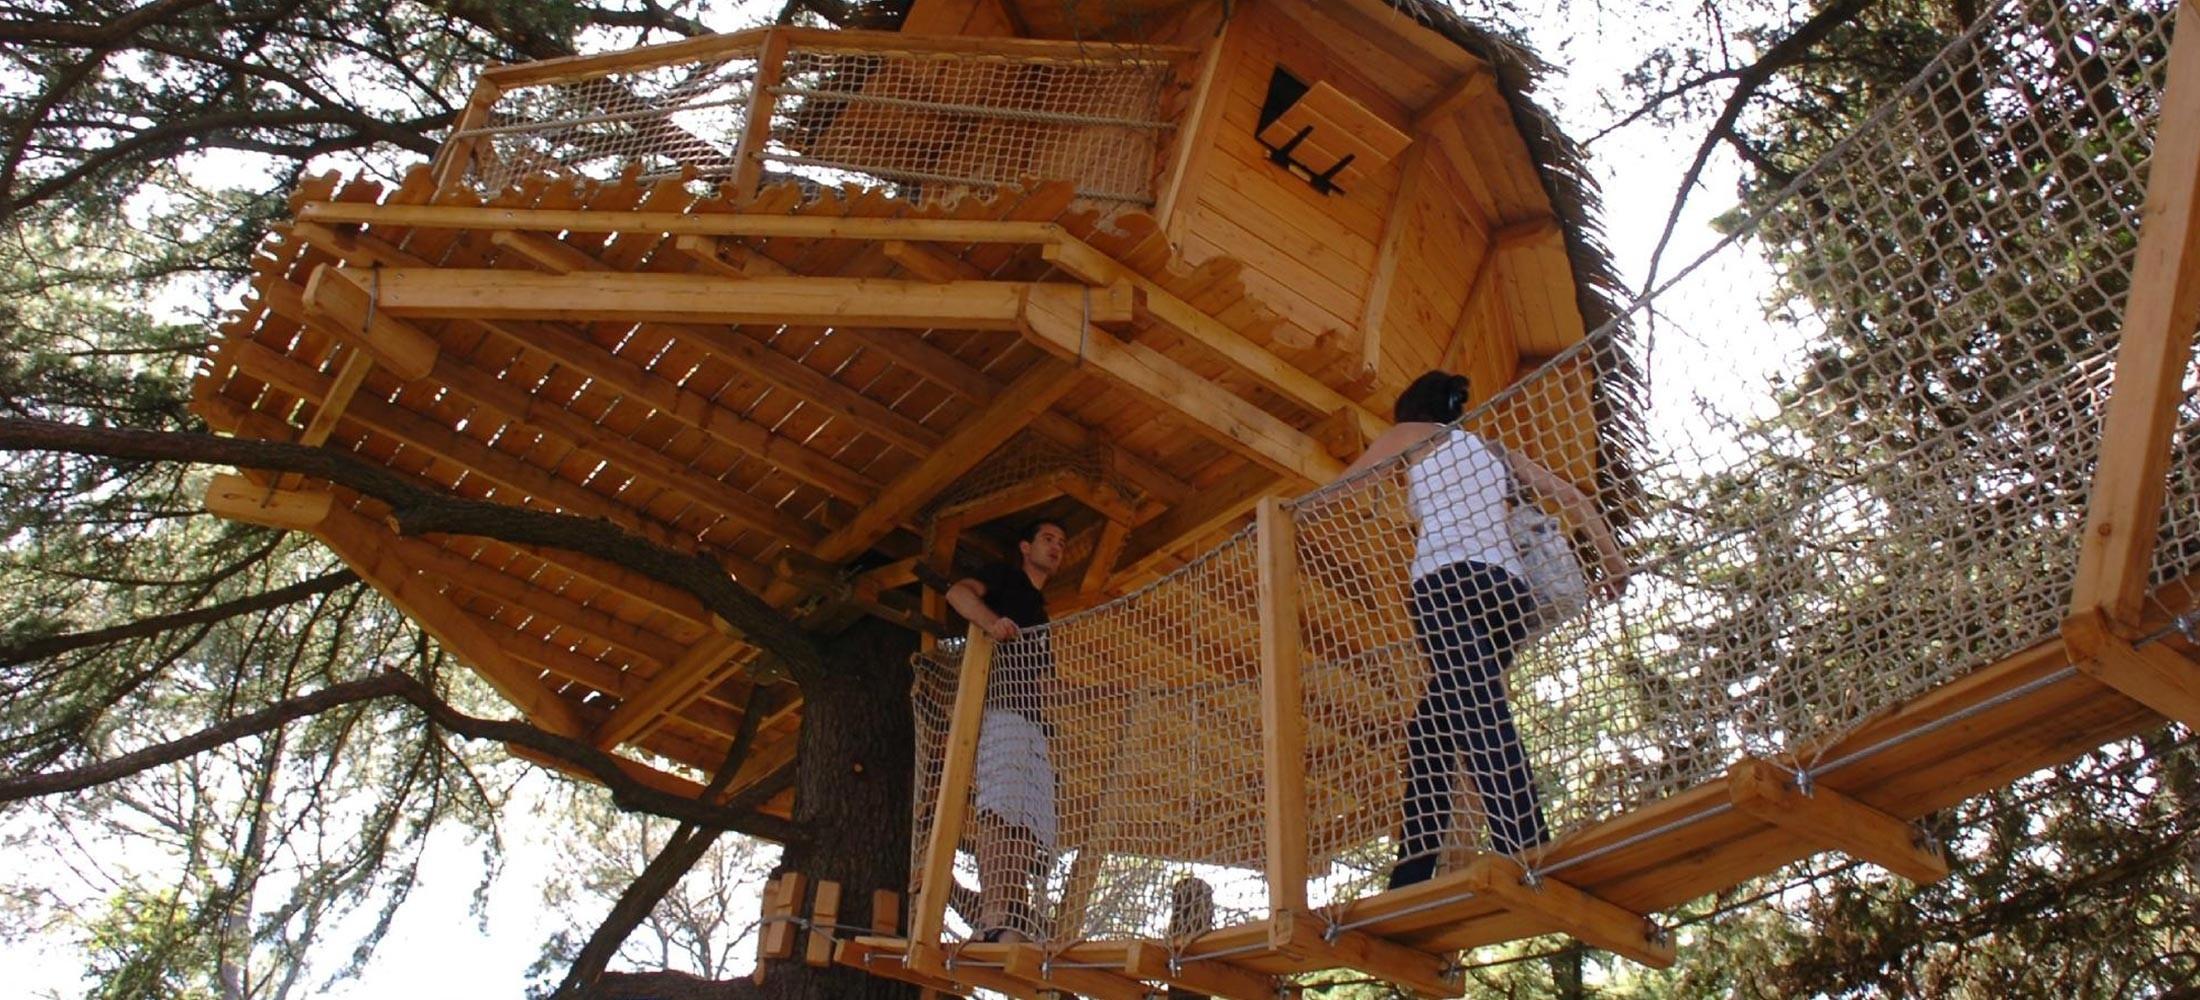 Photo - Oenotourisme - cabane dans les arbres - passerelle - nature - Domaine de l'Arbousier - Montpellier Hérault Tourisme